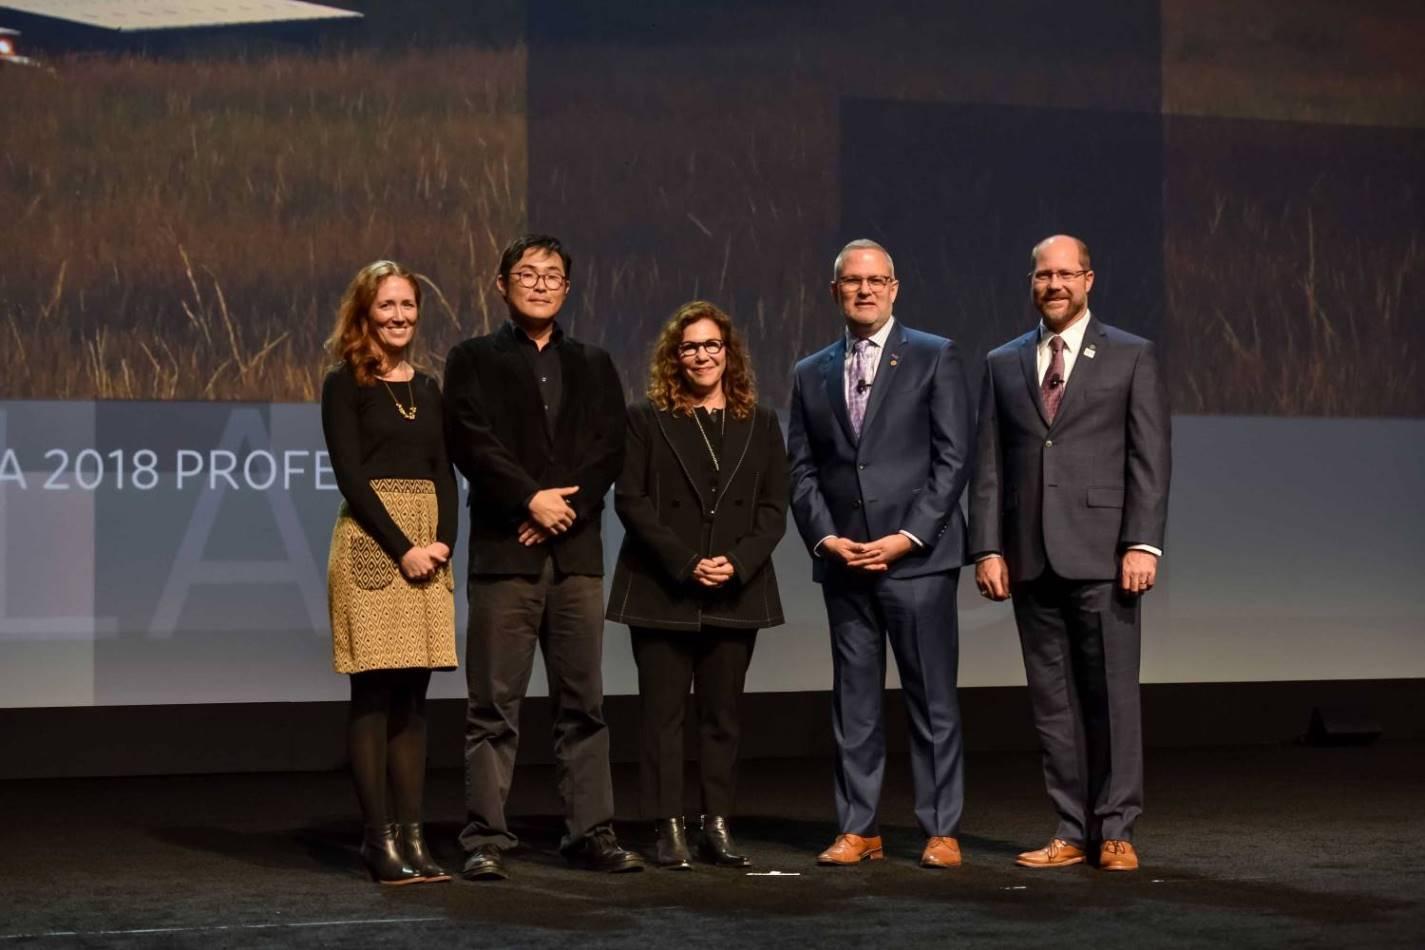 2018 Award Ceremony